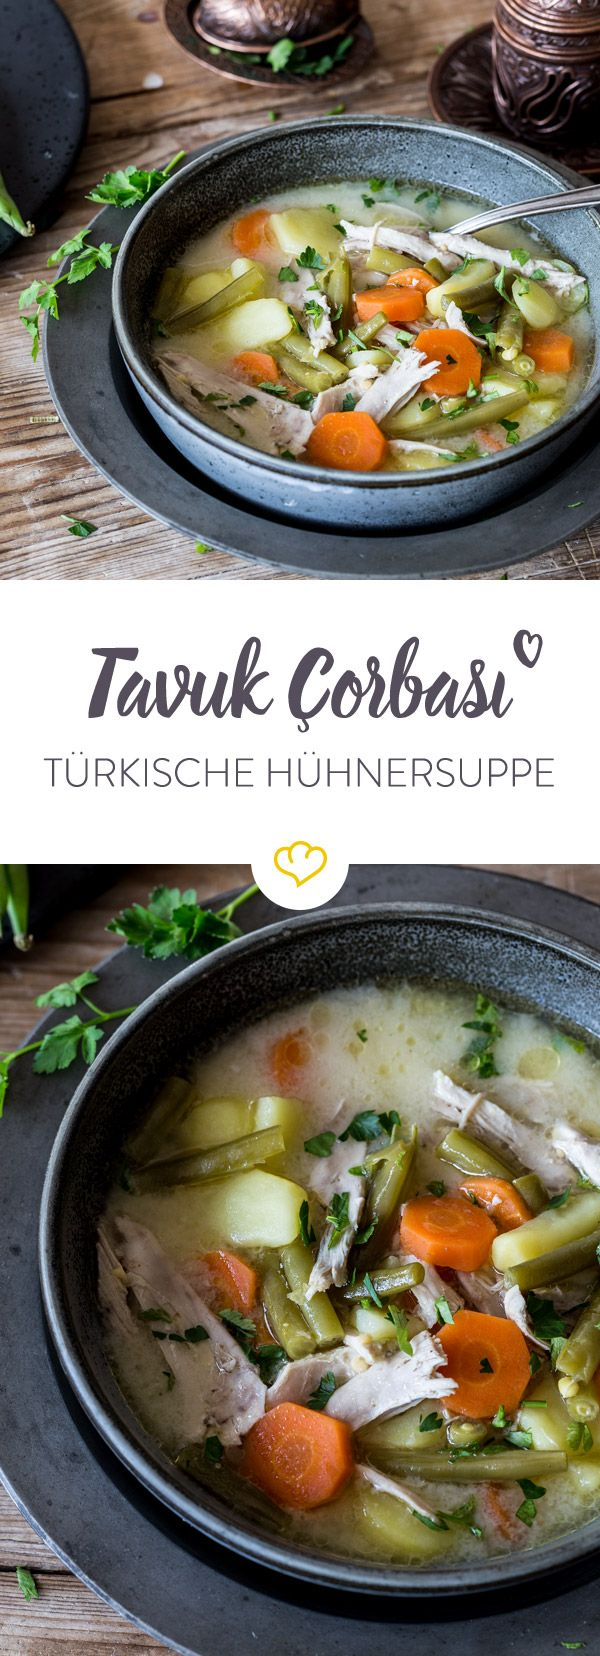 In diese türkische Hühnersuppe kommen Karotten, grüne Bohnen und Kartoffeln. Der Schuss Zitronensaft sorgt für eine angenehme Säure. Einfach köstlich!